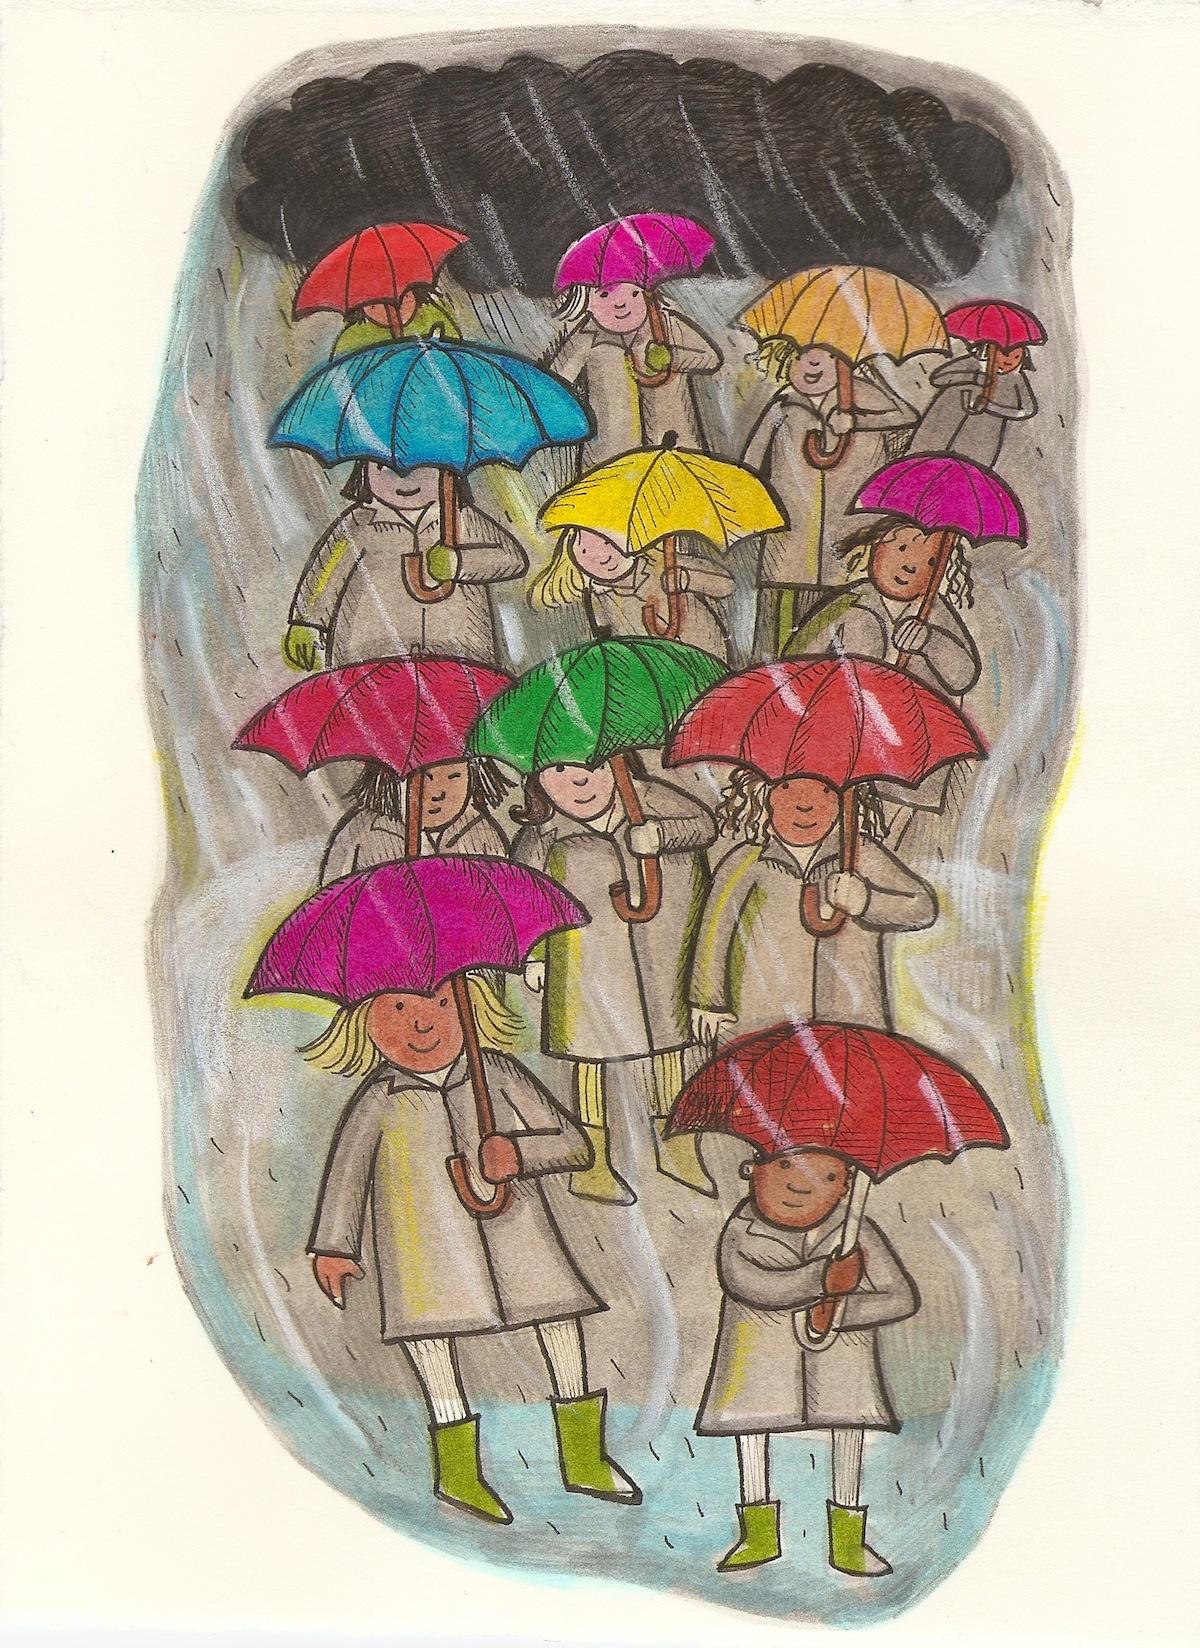 umbrella bring color to a grey